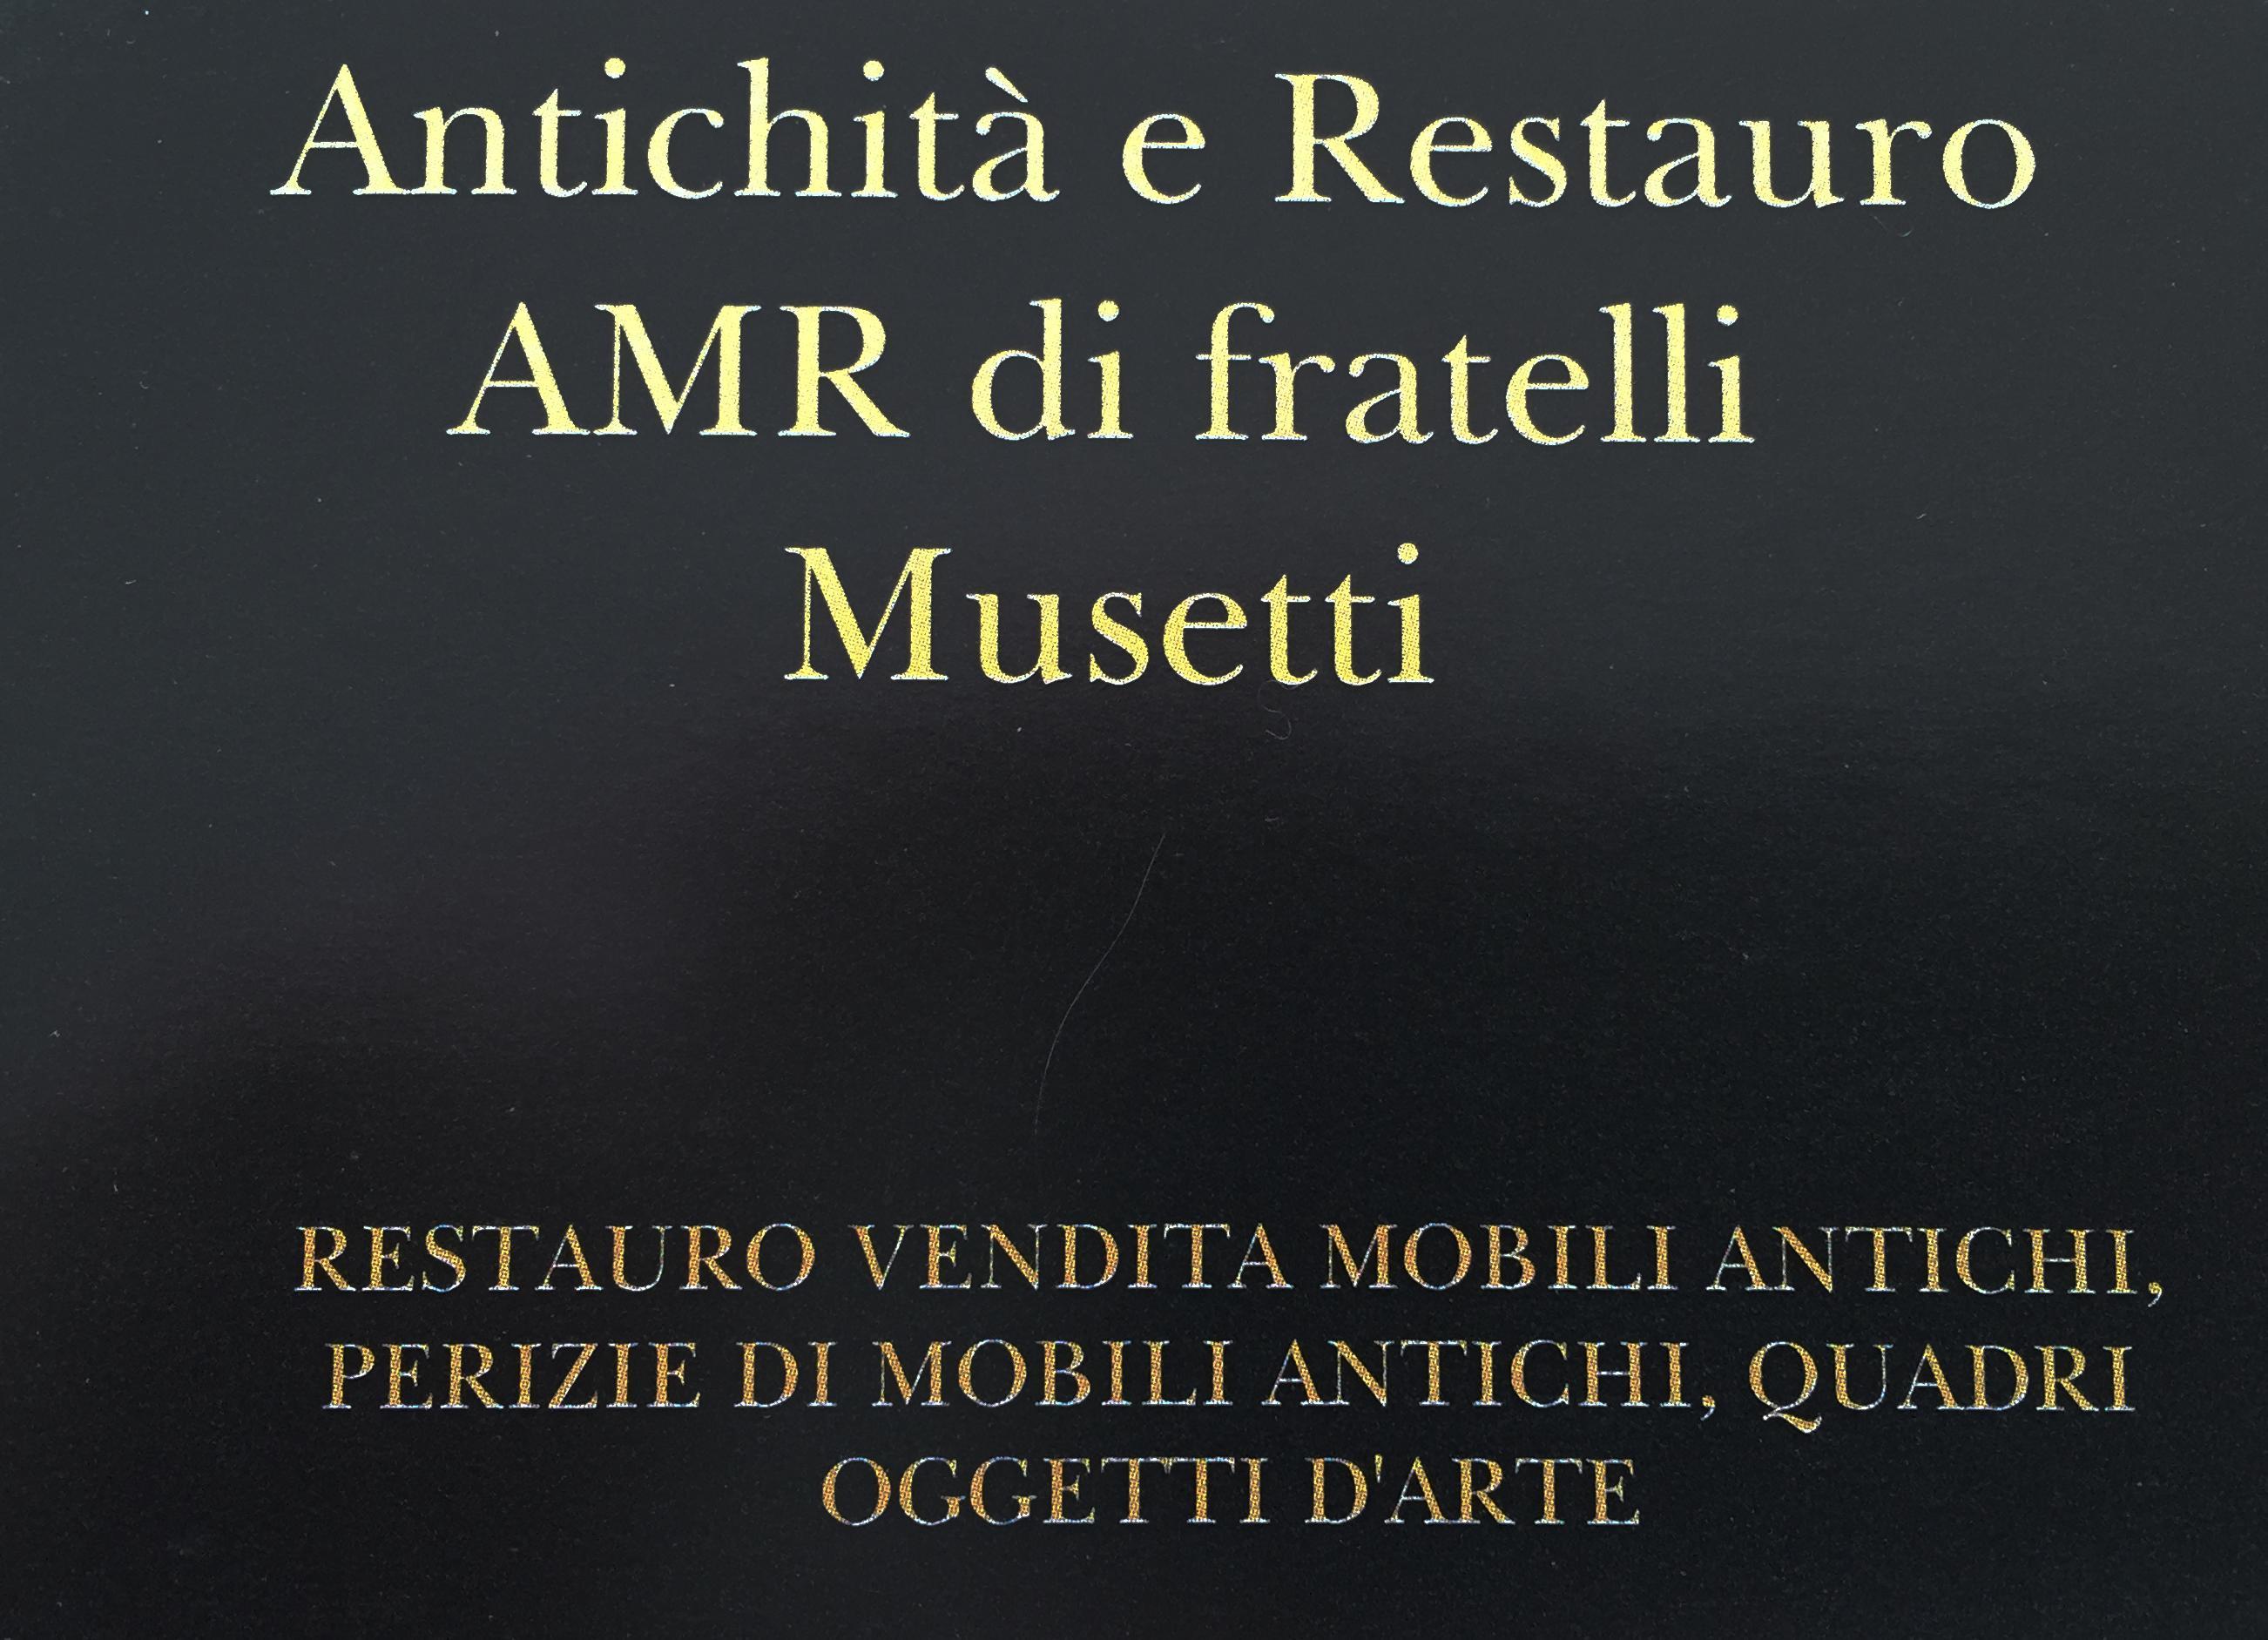 arte povera mobili - restauro , vendita , antichità - arredamento ... - Mobili Arte Povera Catania E Provincia